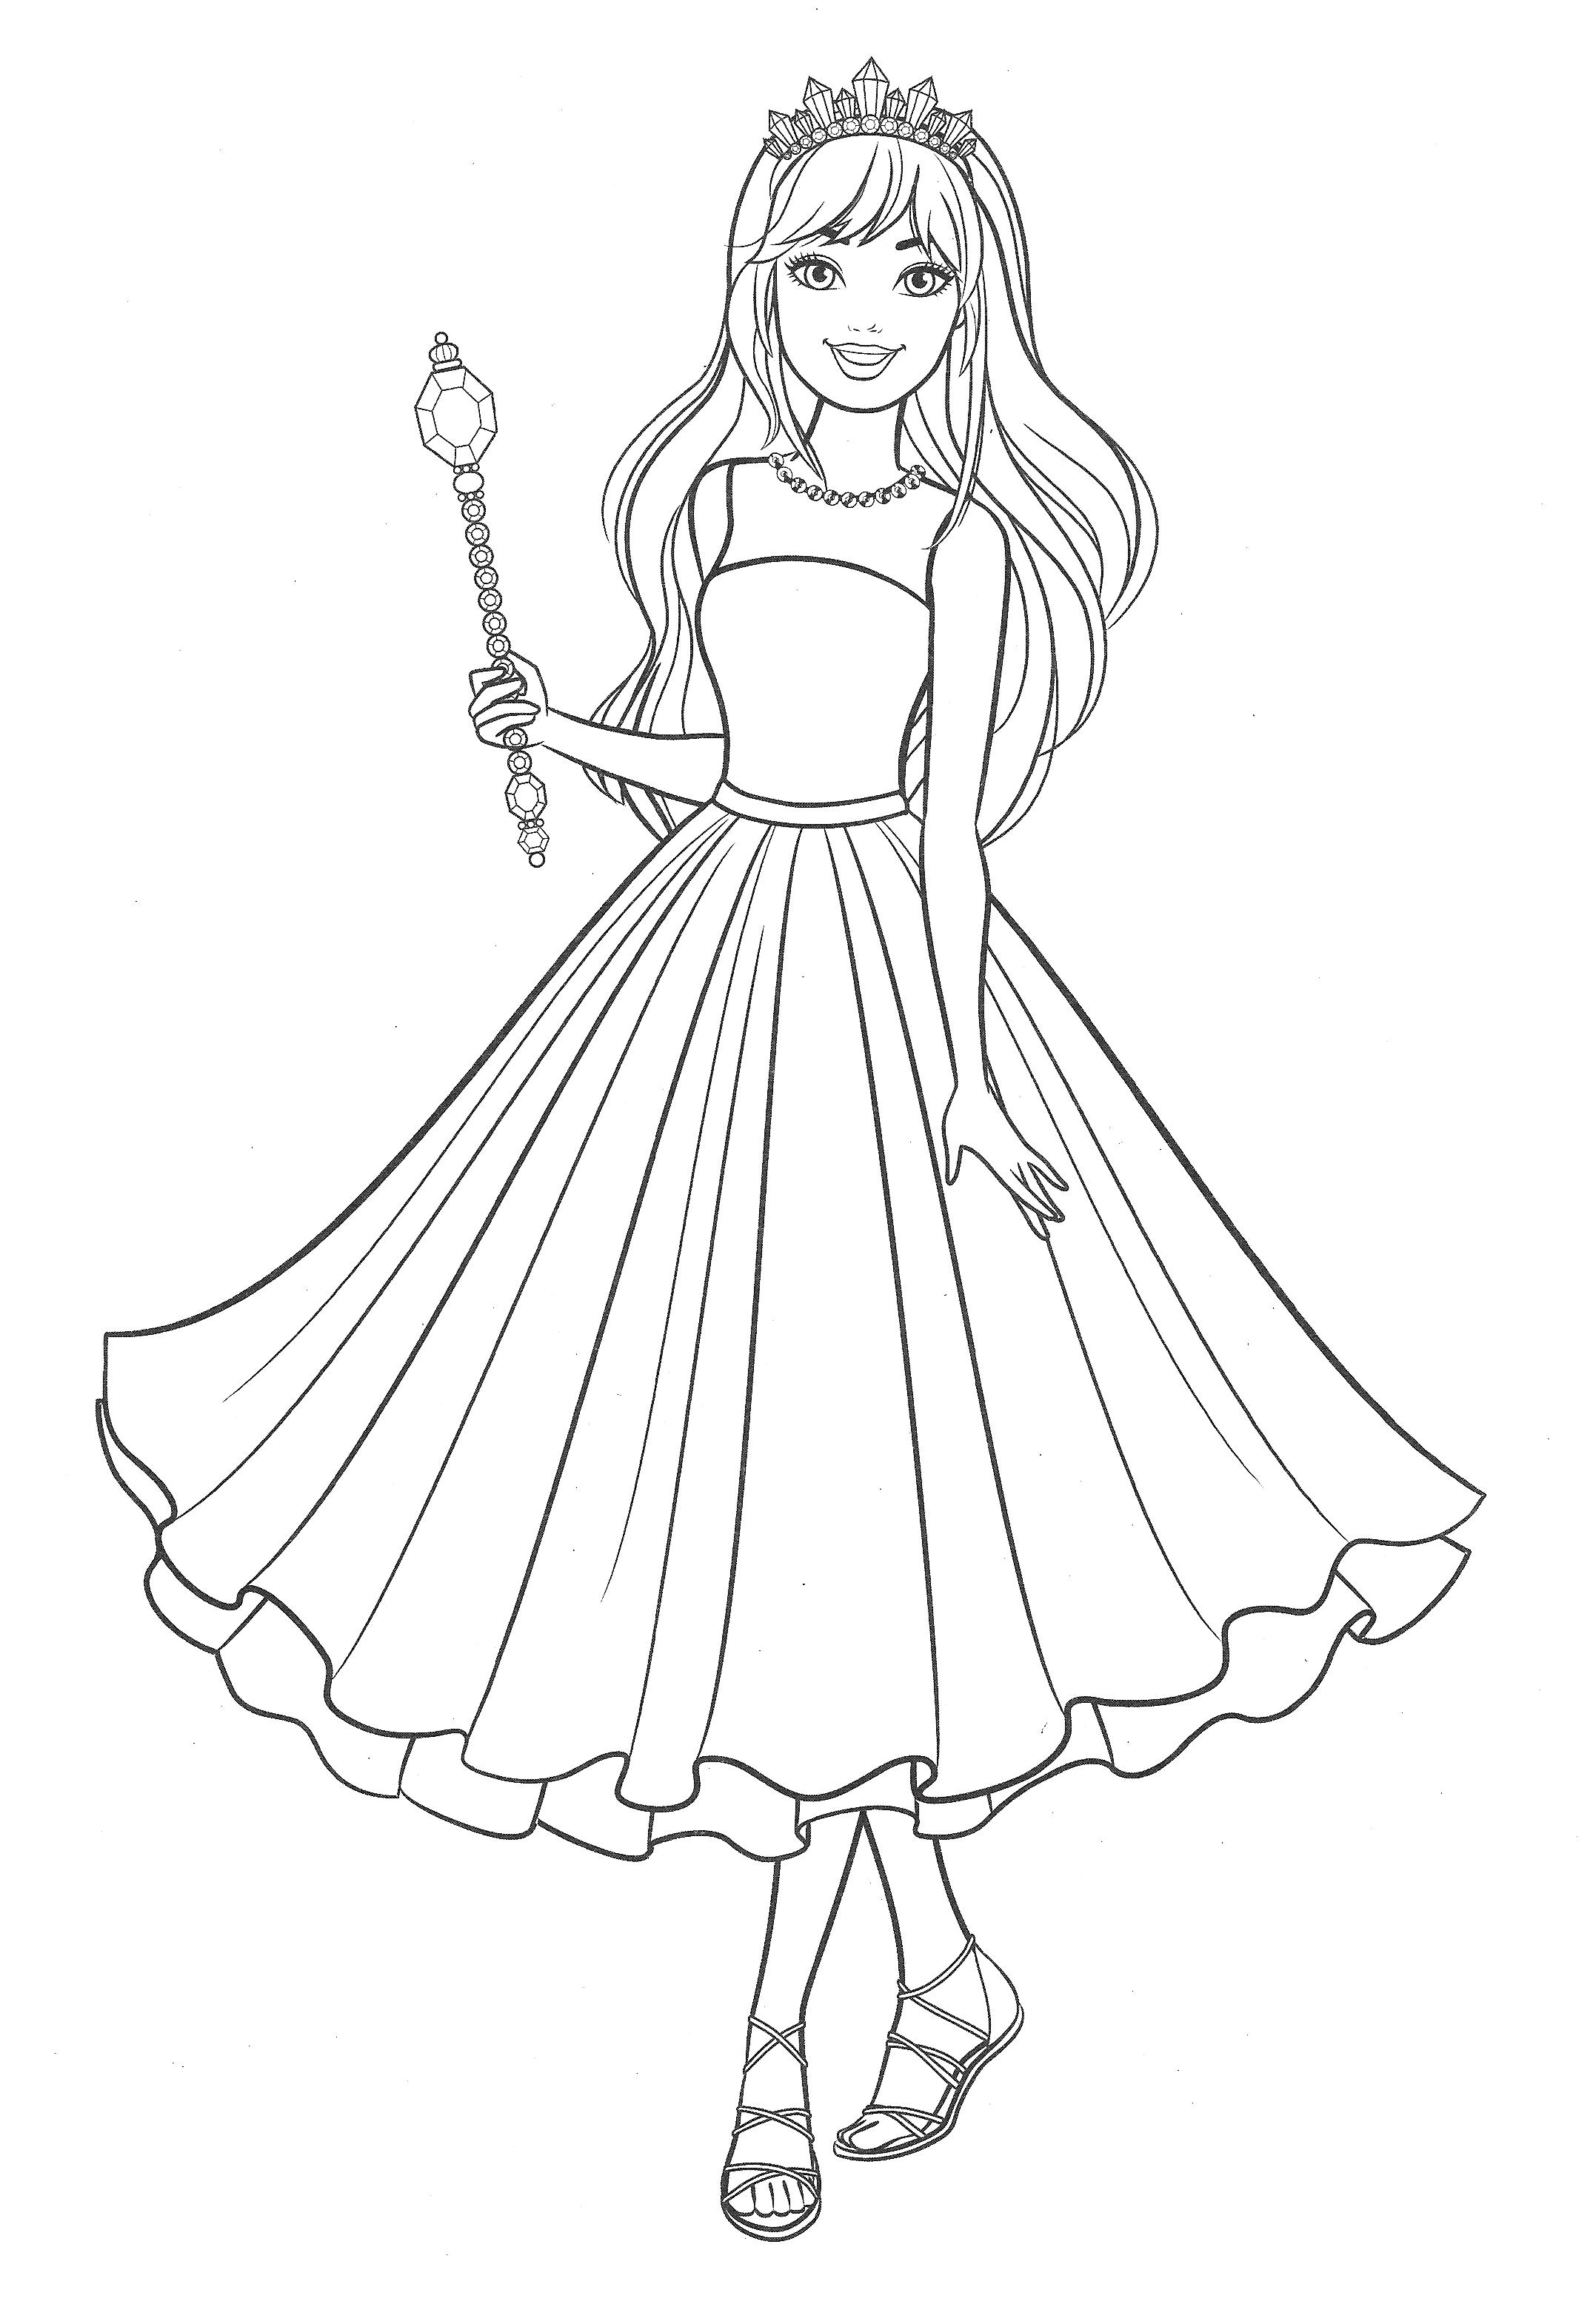 Раскраска Барби в нарядном платье - Раскраски Барби ...